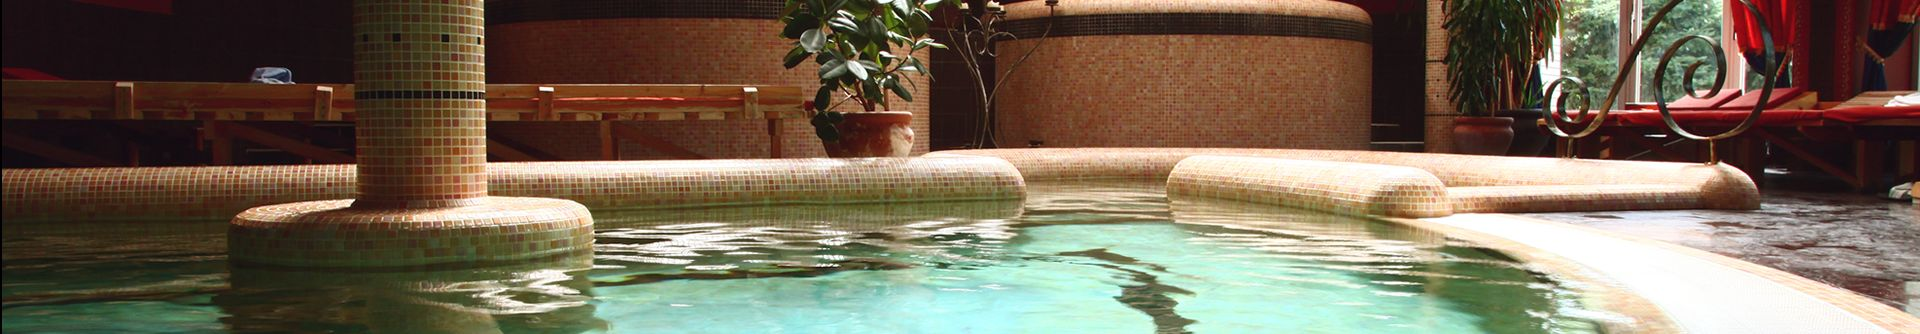 marokkanisches Bad Als ob wir ein Bad in den Märchen des 1001 Nachts nehmen würden